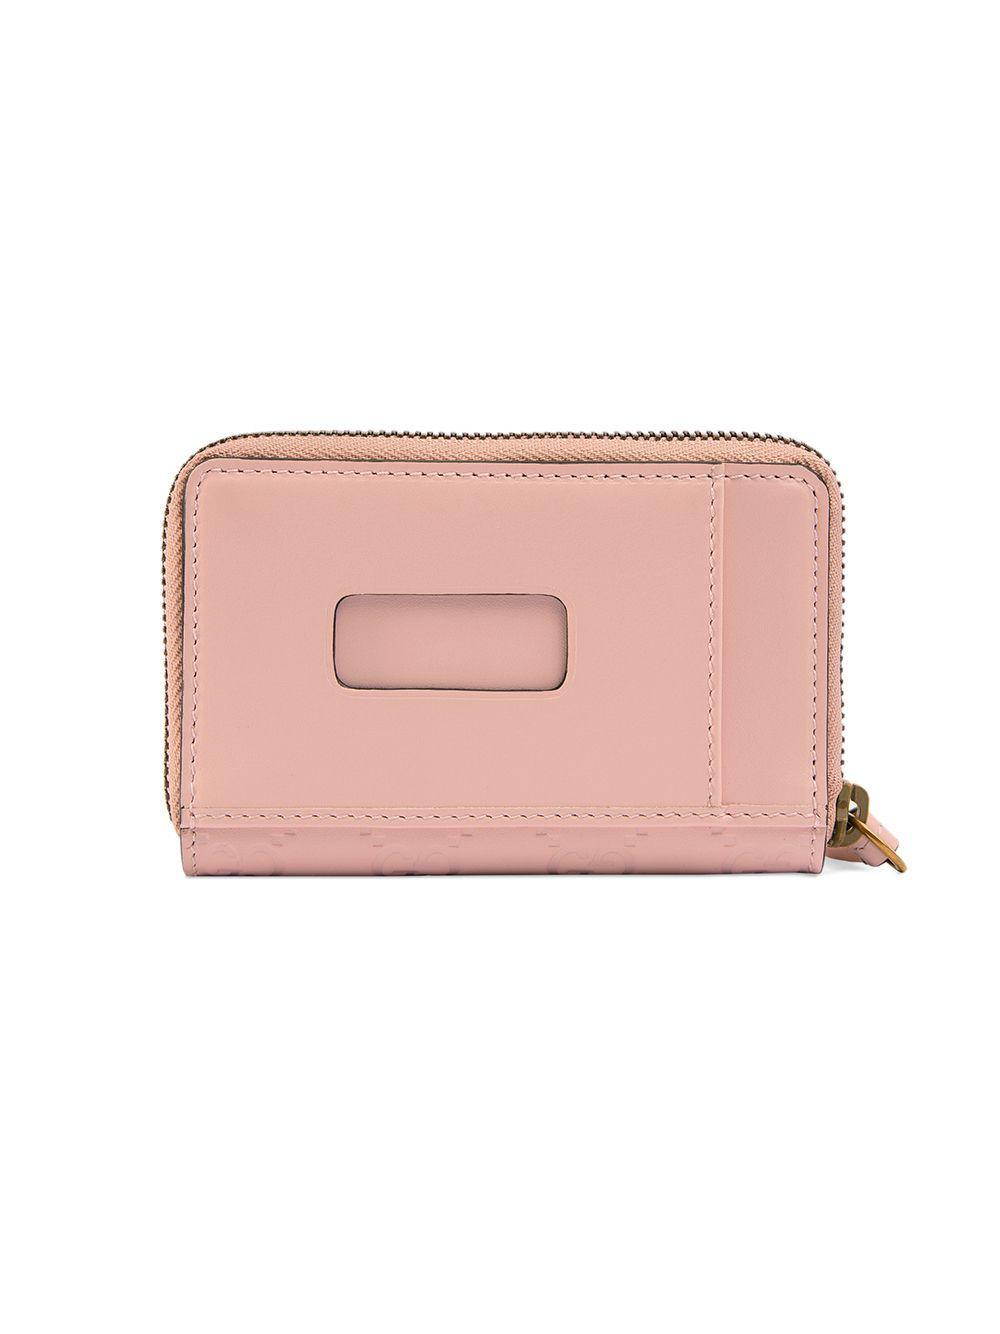 4b22da95de4 Lyst - Gucci Signature Card Case With Cat in Pink